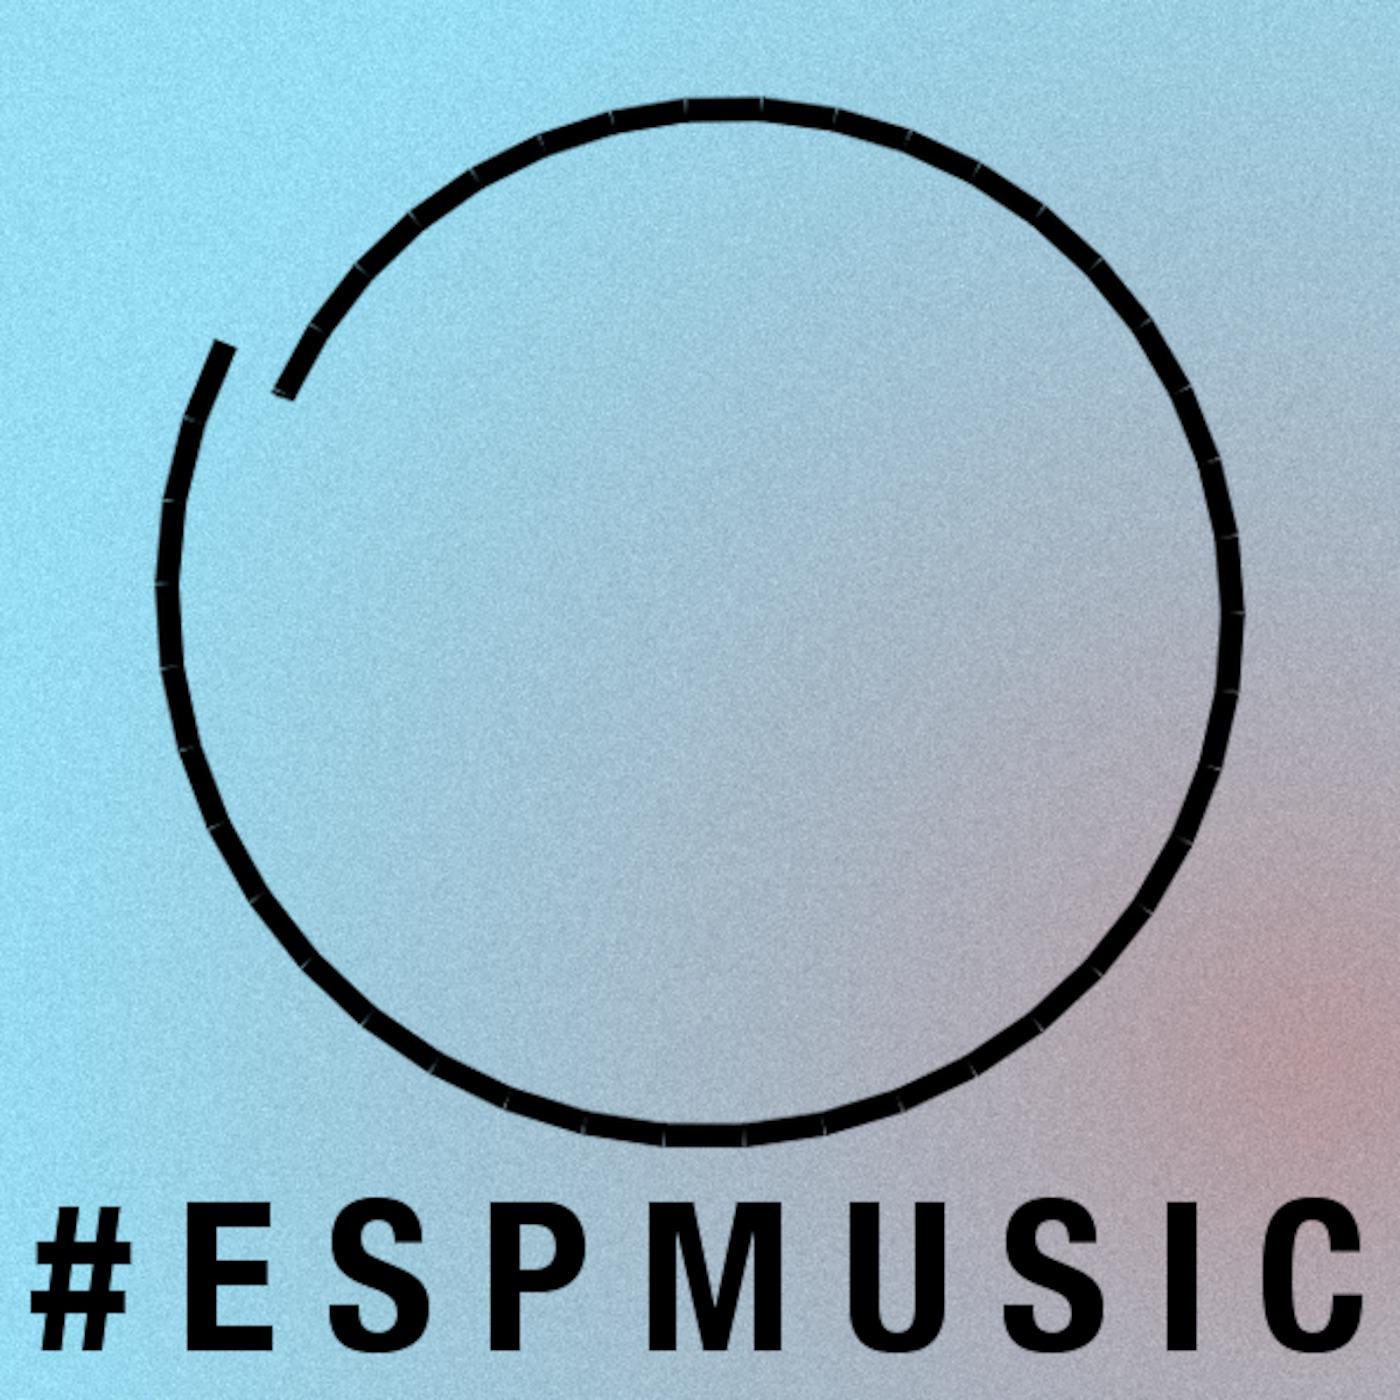 #ESPmusic